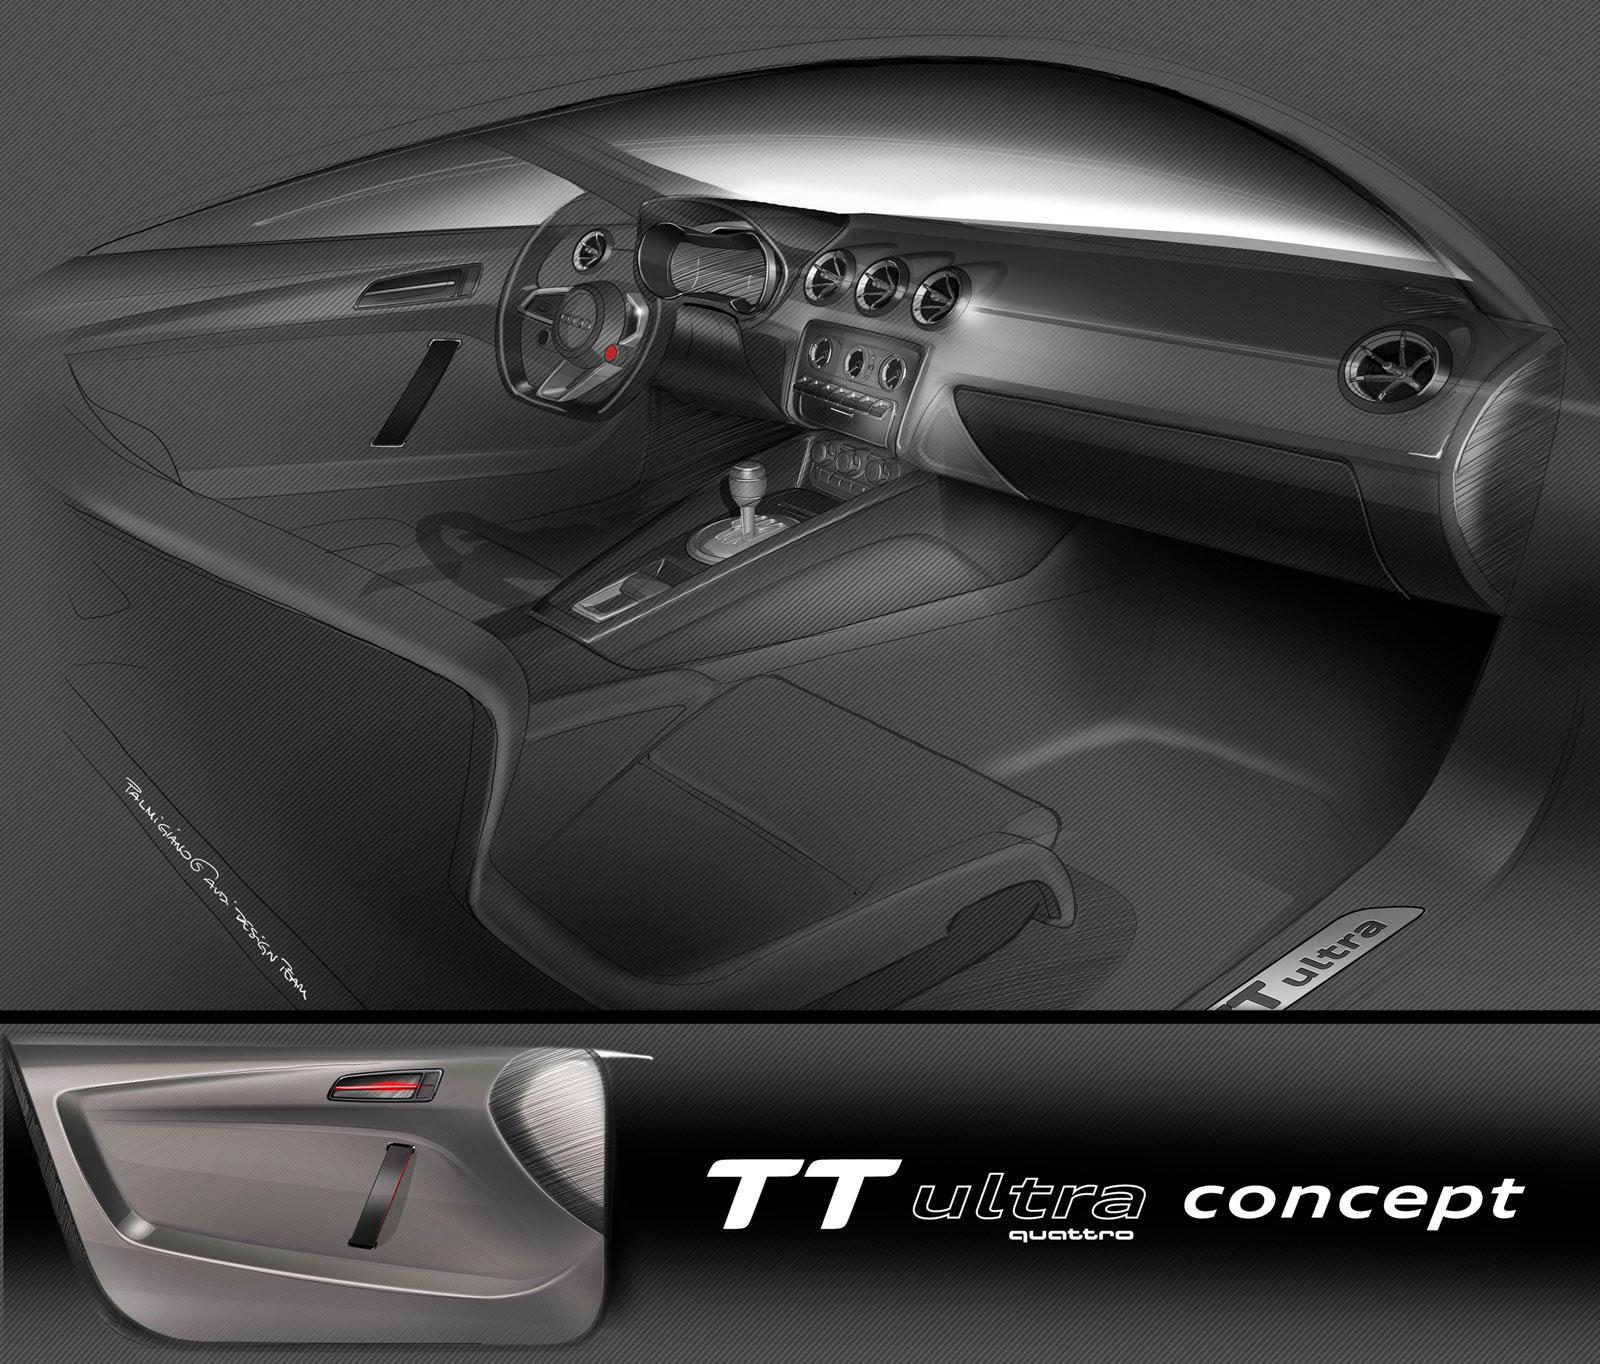 Audi Tt Ultra Quattro Concept Interior Design Sketch